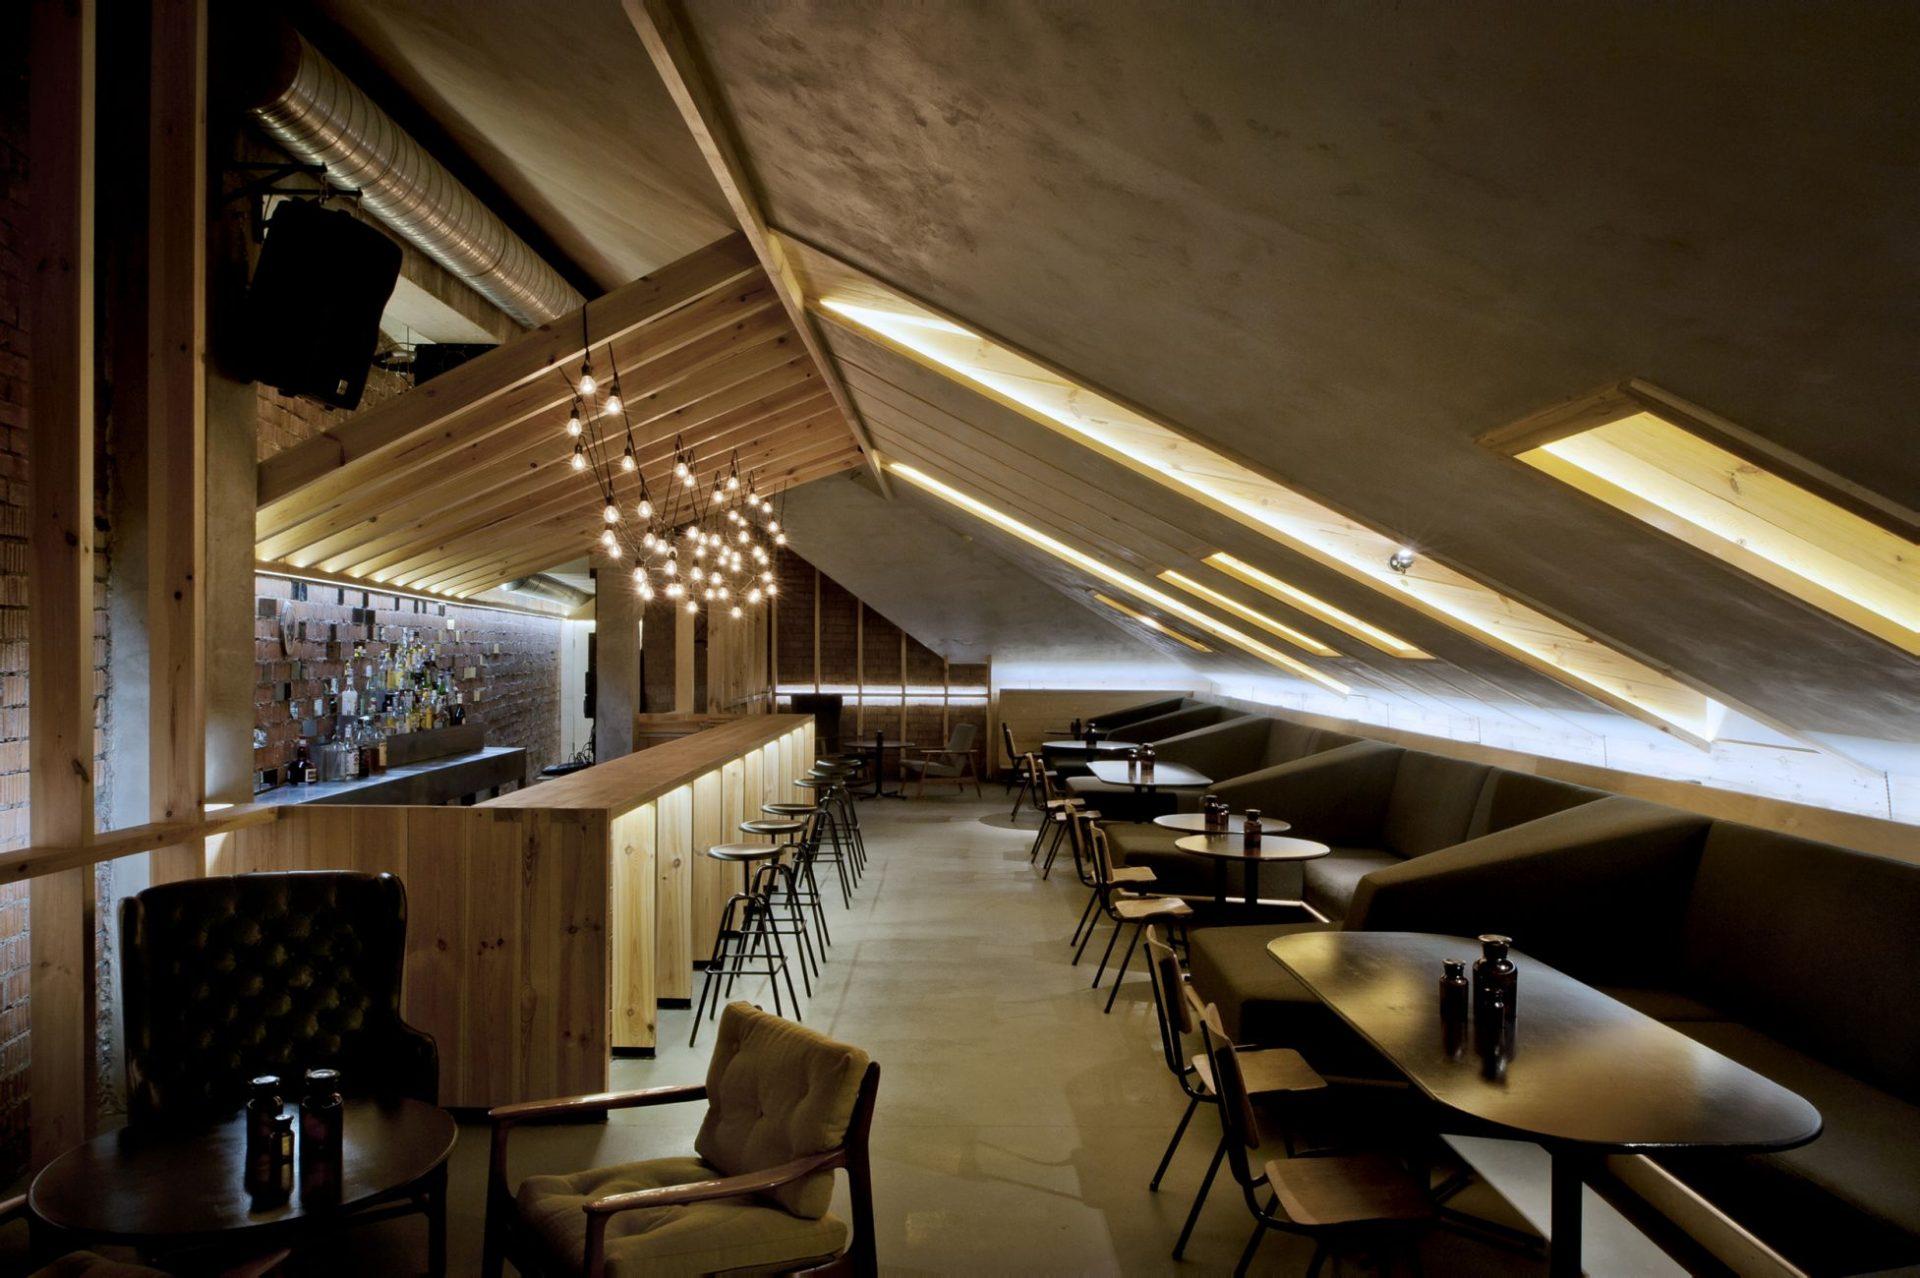 Attik Bar in Minsk, entworfen von Inblum Architects, Herrenberger Hocker als Barhocker, ideal für Gastronomie